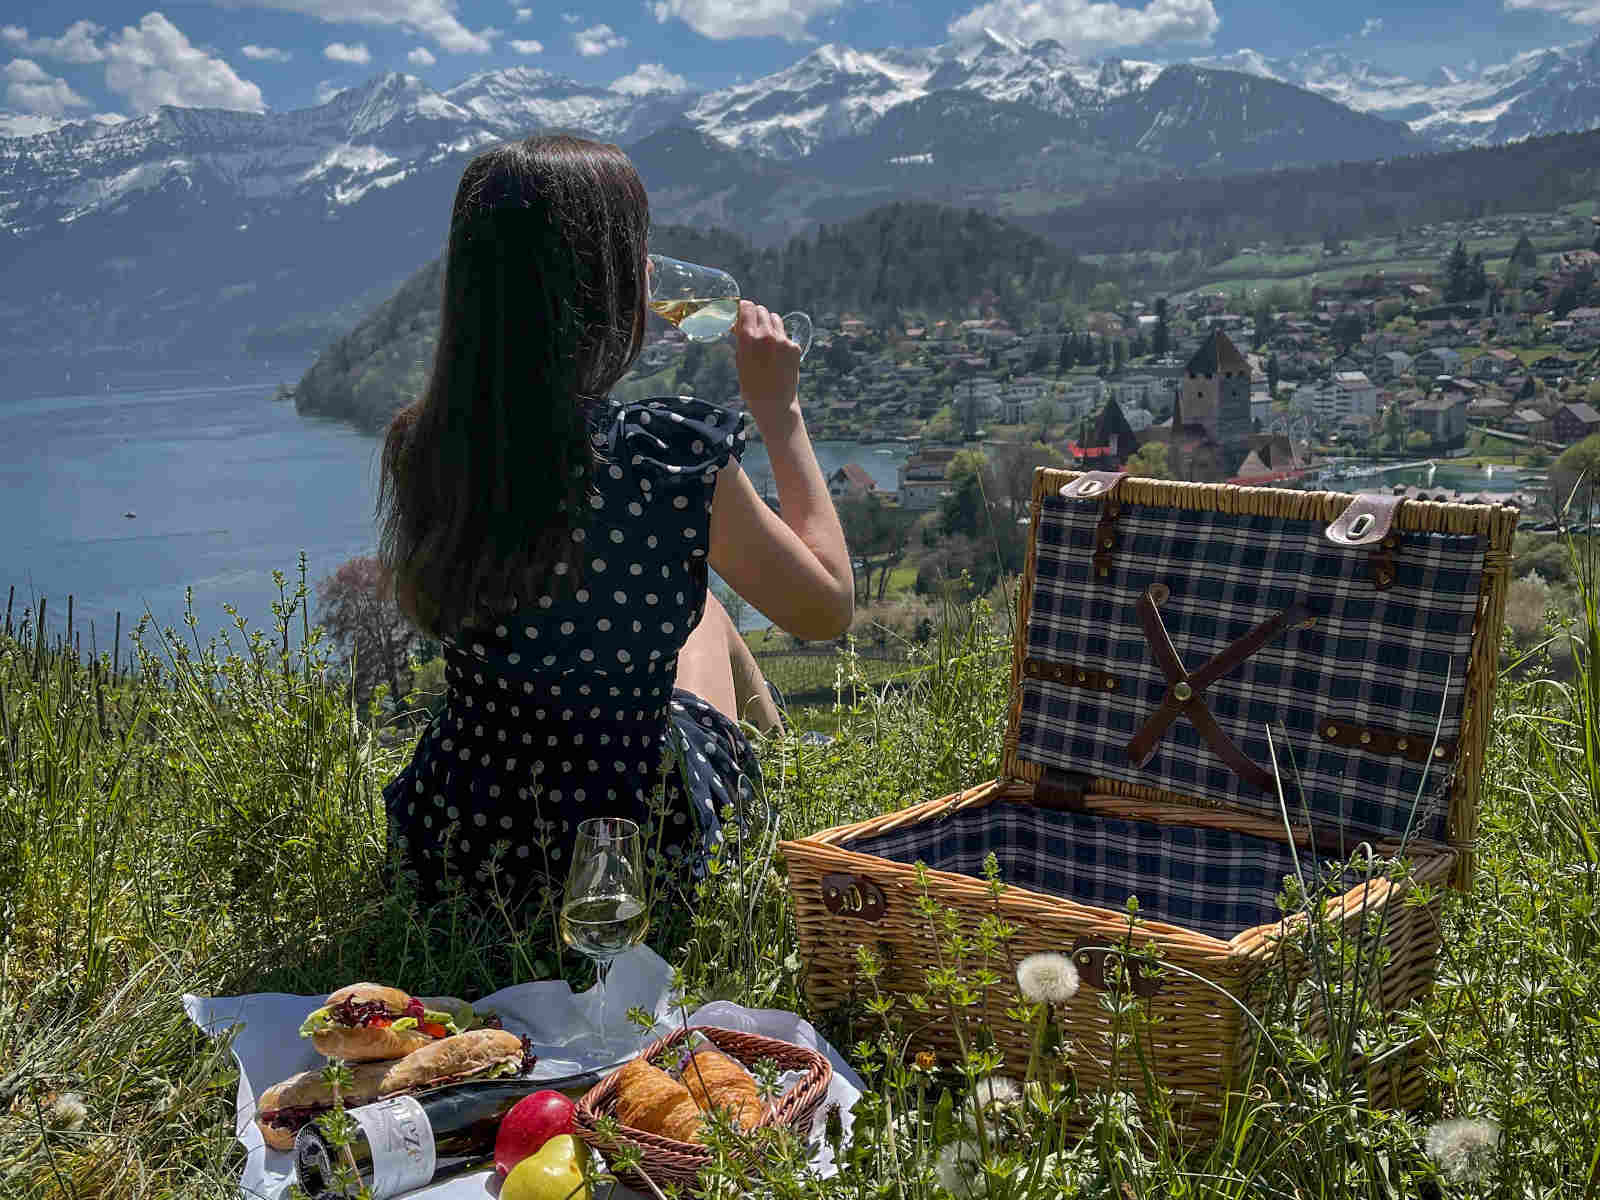 Frau trinkt Wein neben Picknickkorb